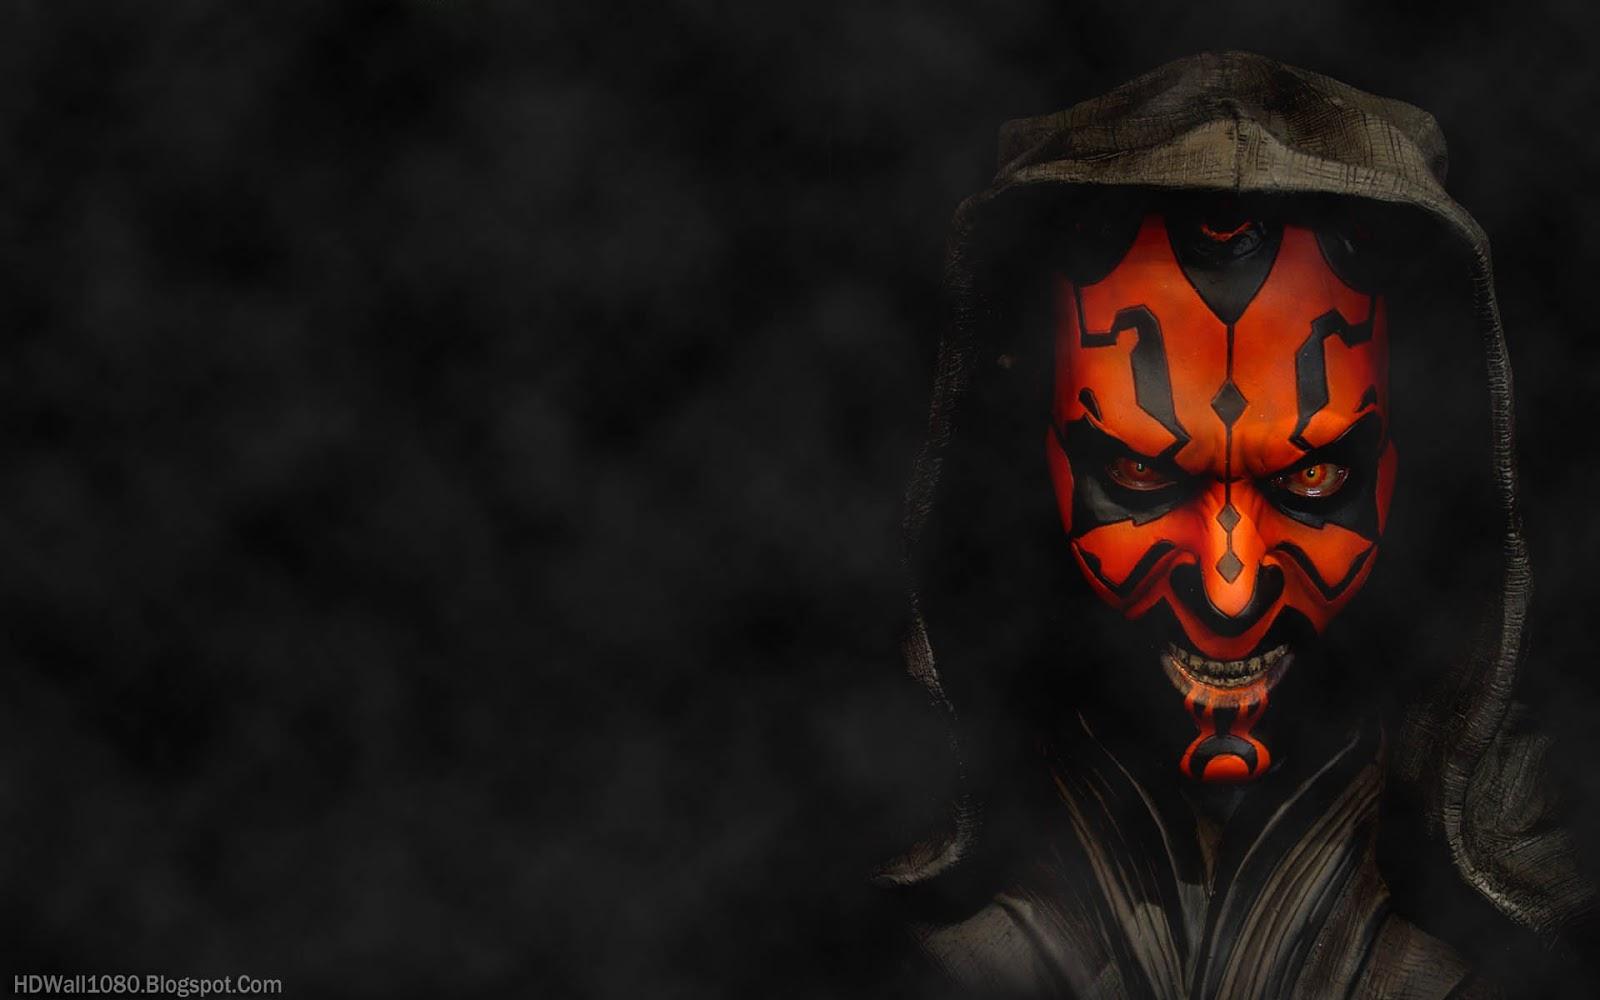 http://3.bp.blogspot.com/-klVzzffK58I/ULo1Egv4q1I/AAAAAAAABIA/7Q7m_-WdACs/s1600/Lord+Of+The+Sith+Star+Wars+Wallpaper.jpg